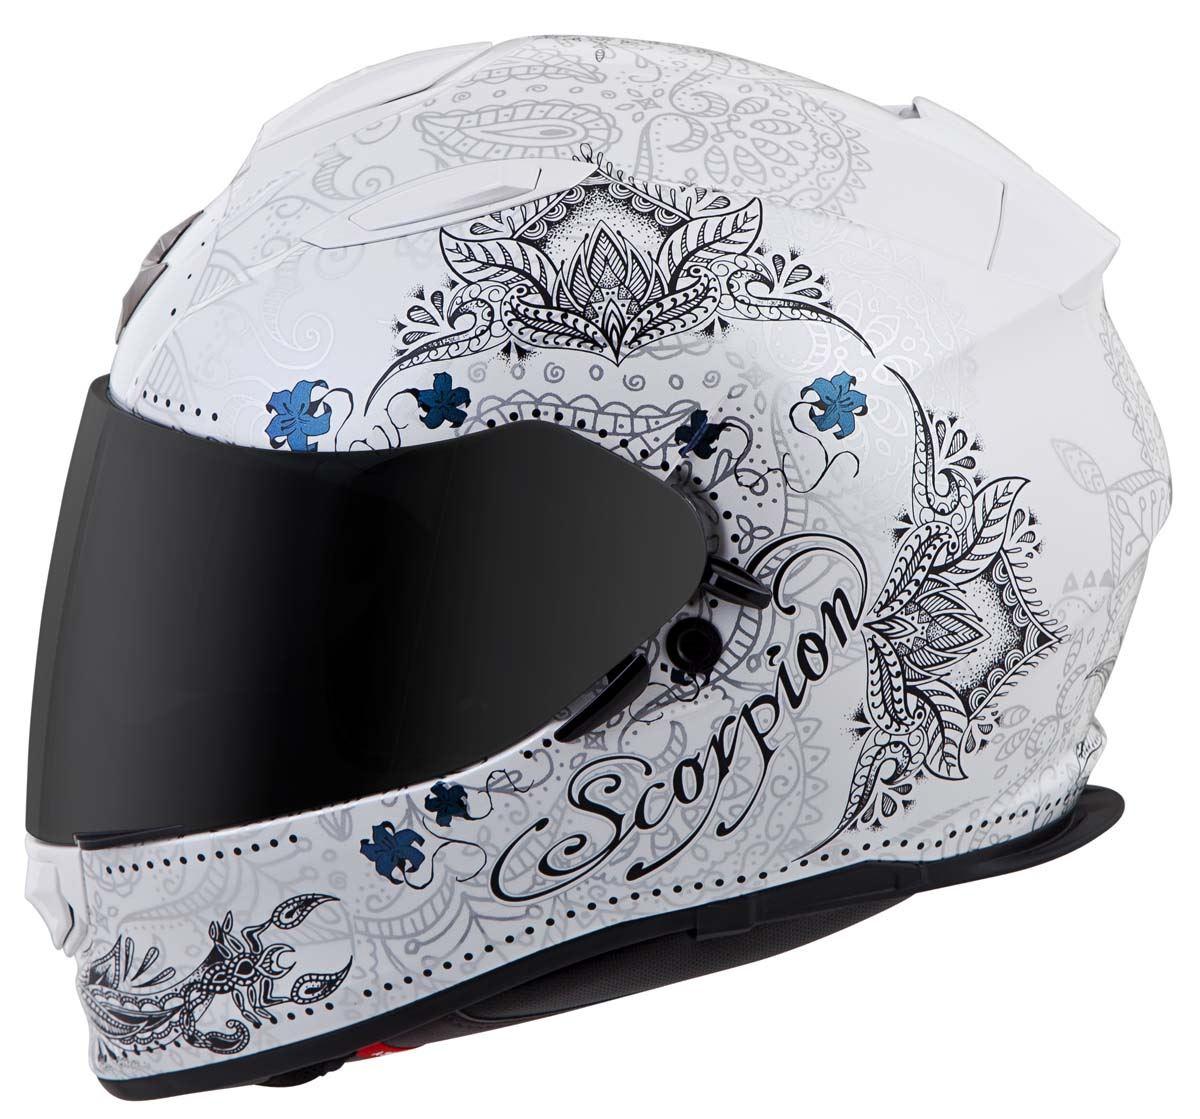 Scorpion-EXO-T510-Helmet-Full-Face-DOT-Approved-Inner-Sun-Shield miniature 69